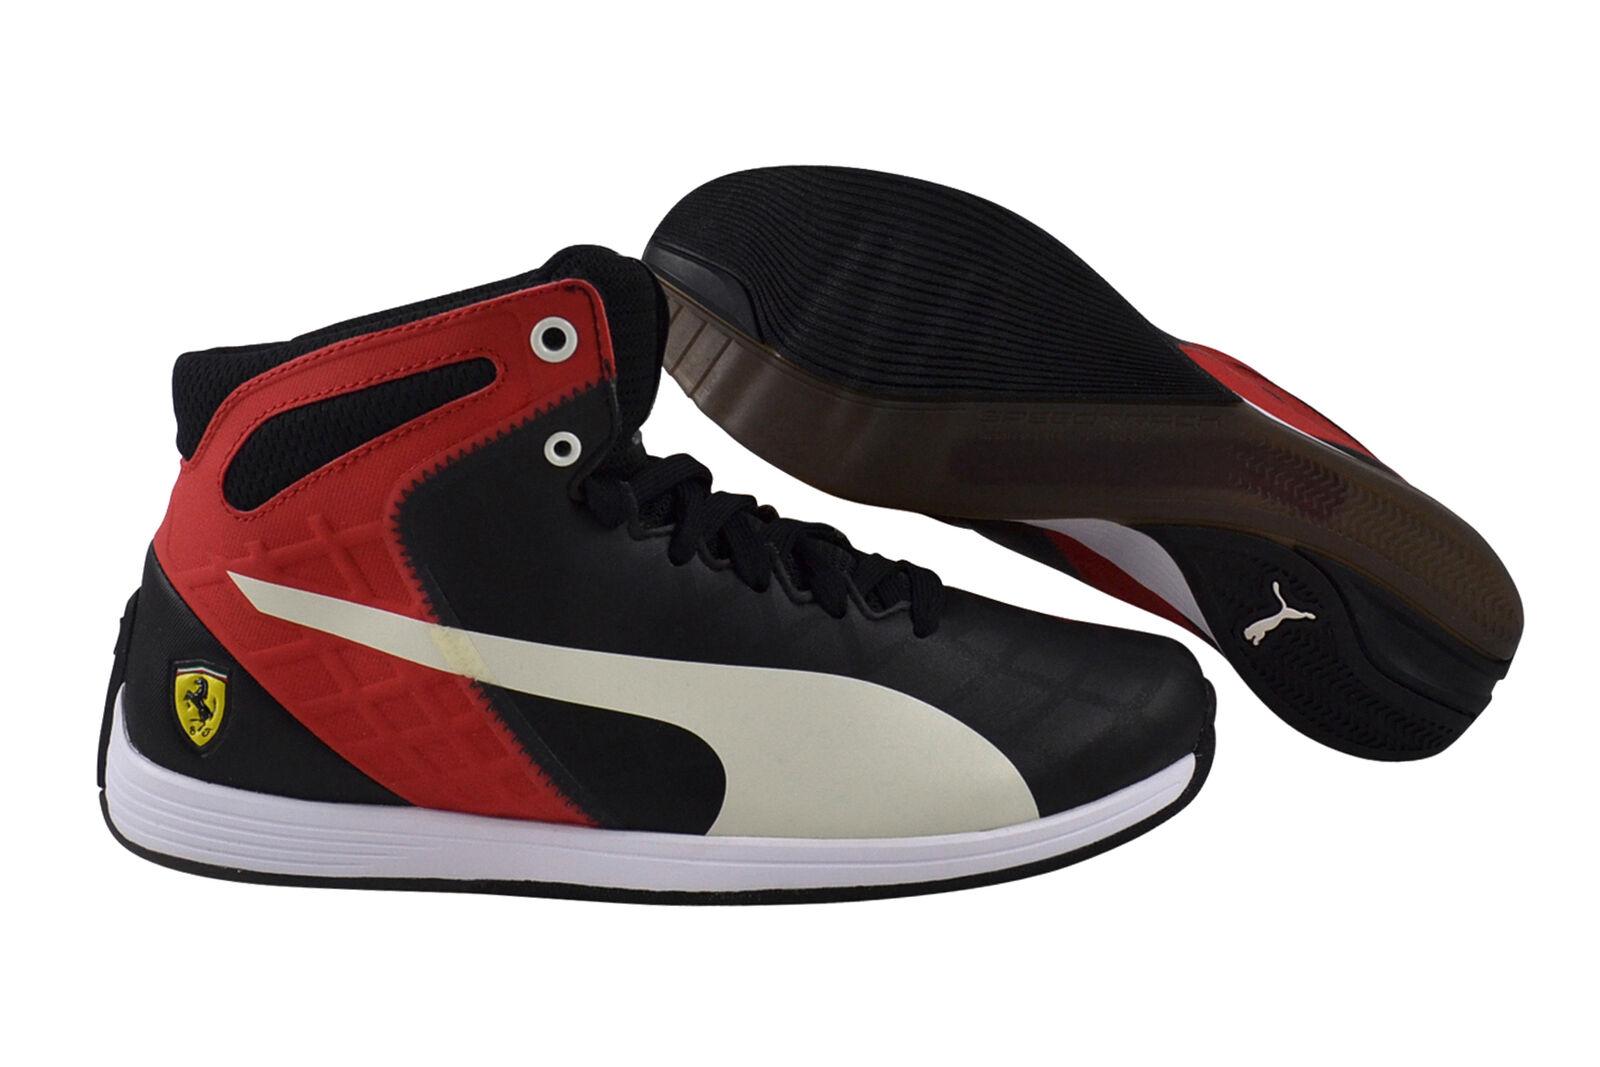 Casual salvaje Puma evo Speed 1.4 SF mid 10 Black Mystic Blue zapatos zapatillas negro 305556 02